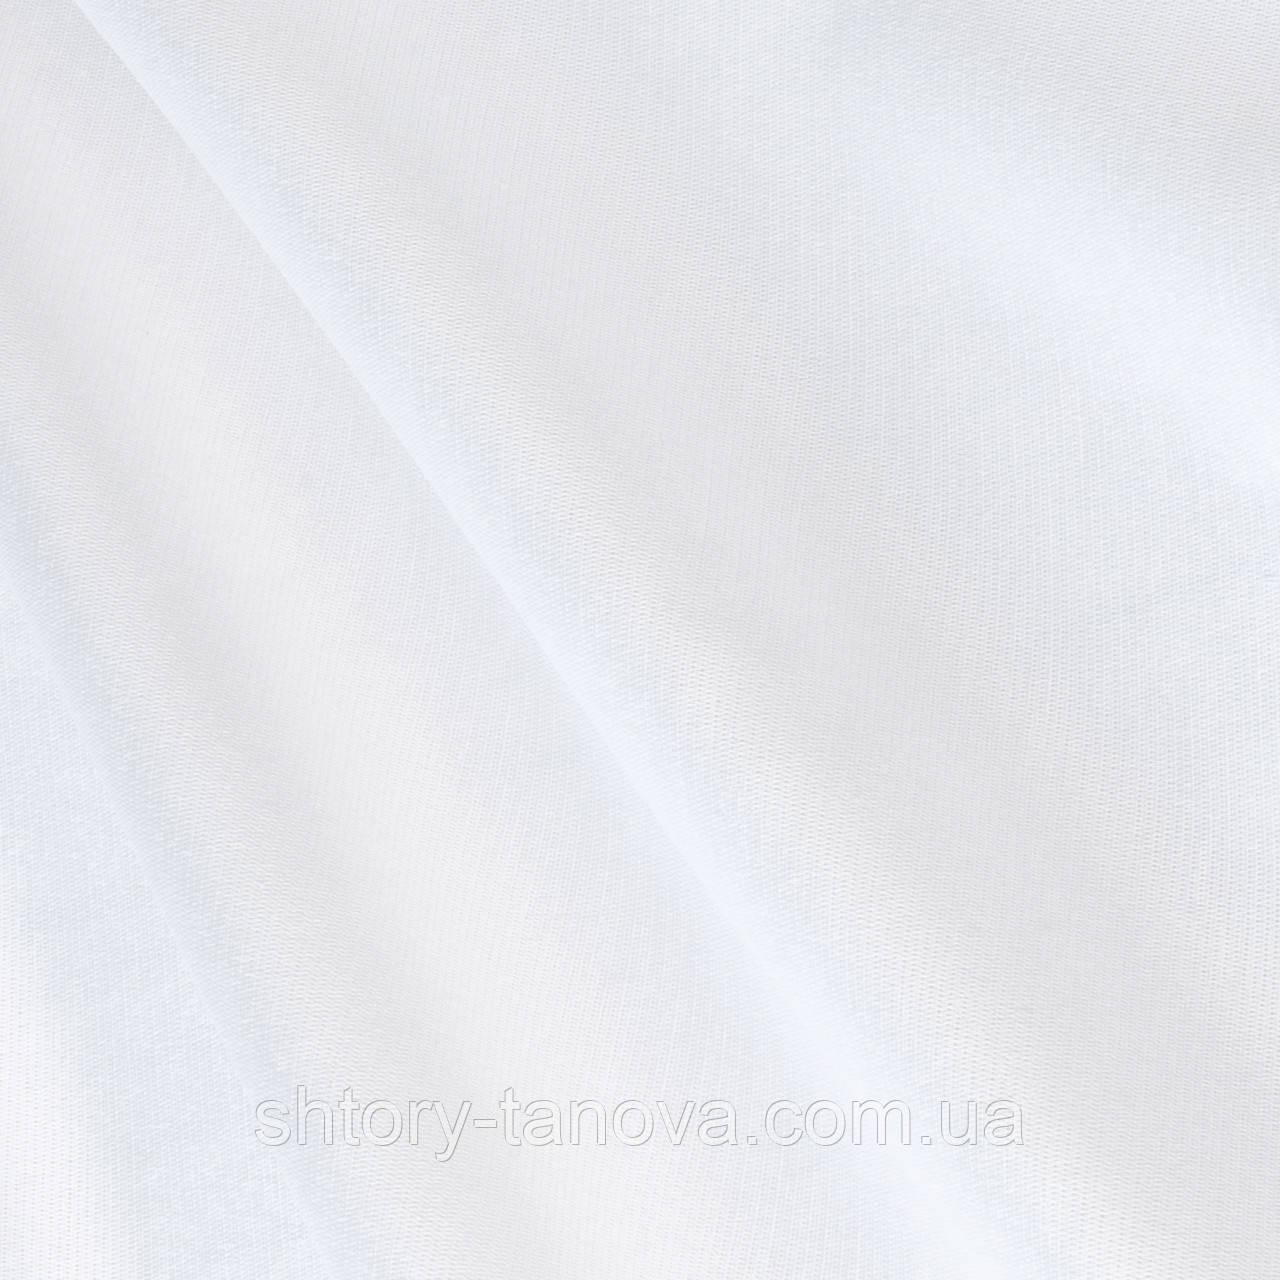 Однотонна скатертная гладка тканина білого кольору для ресторану